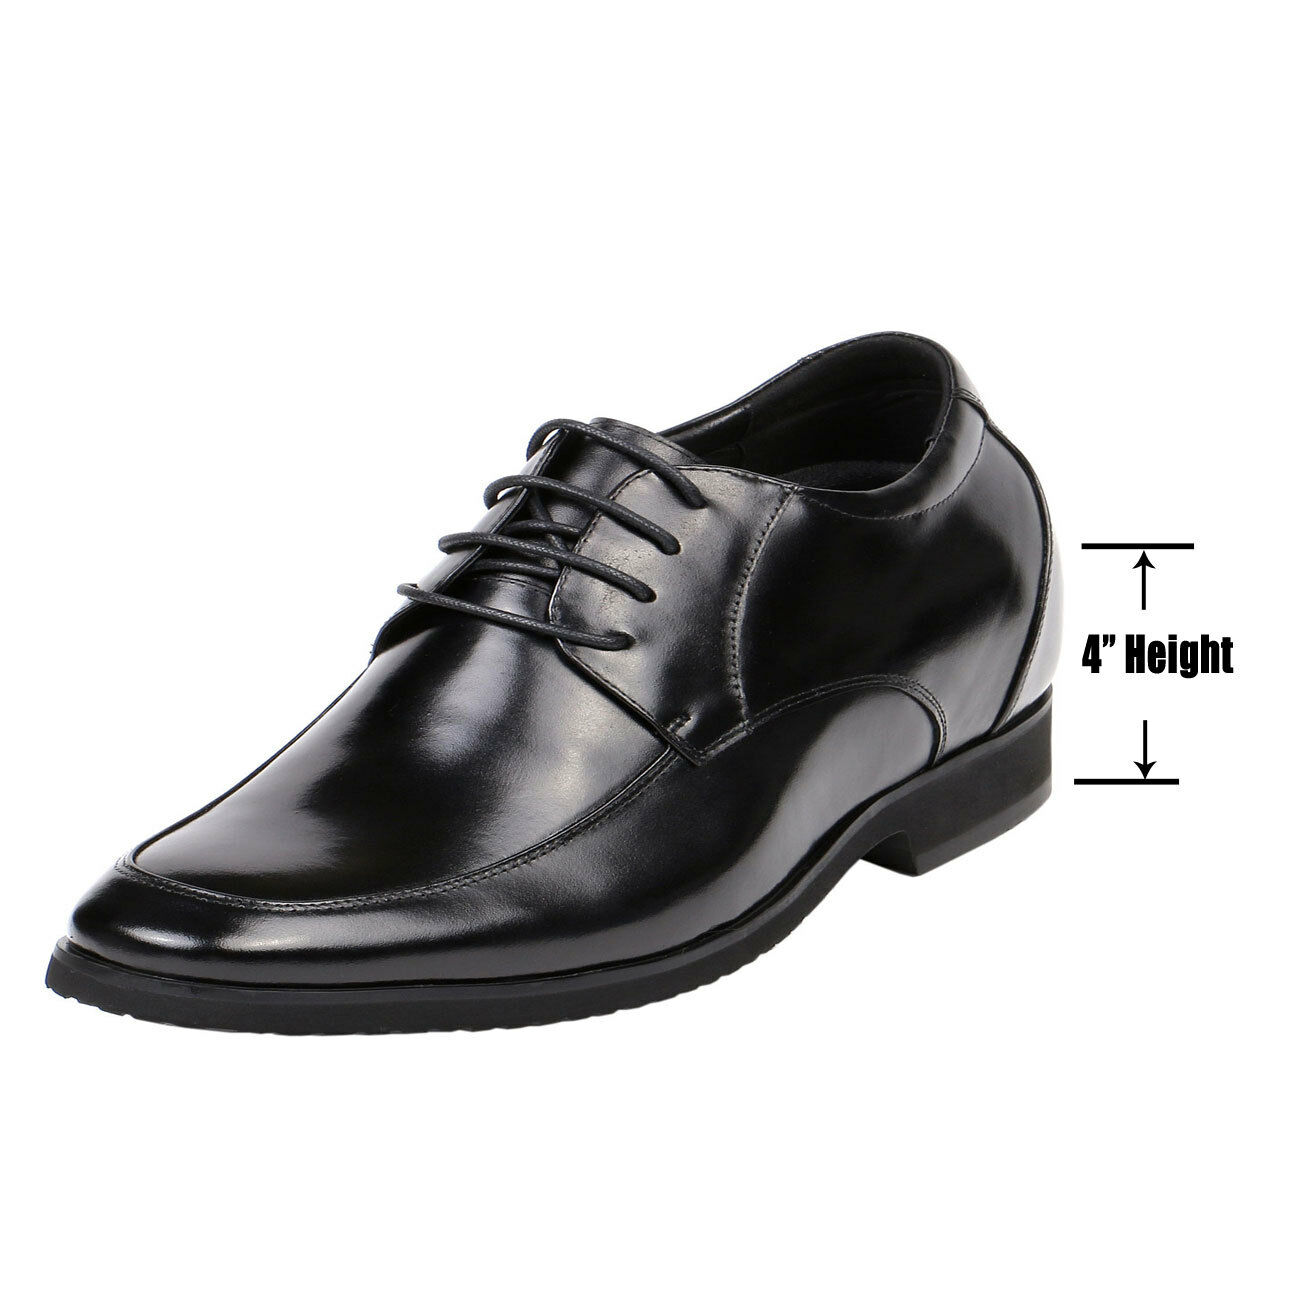 4 (environ 10.16 cm) Hauteur Augmentation Plain Toe Derby Hommes Innovation Chaussures Semi Brillant G82D